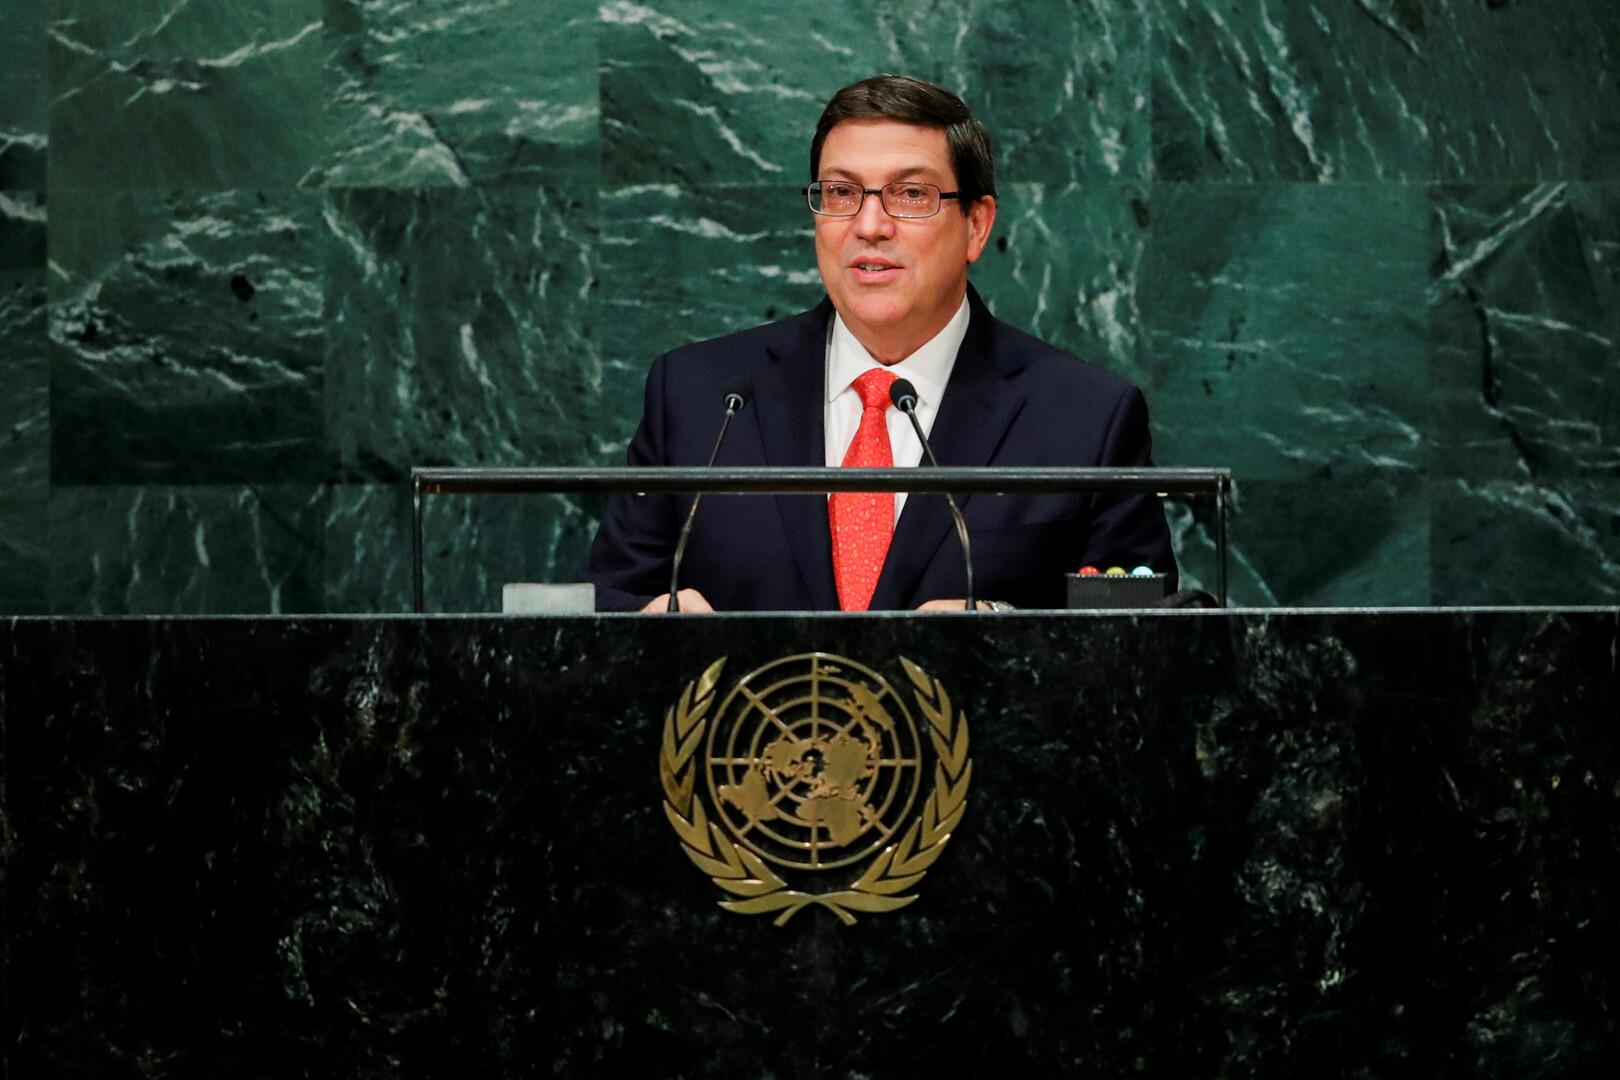 نتيجة بحث الصور عن خارجية كوبا تدين بشدة طرد واشنطن اثنين من دبلوماسييها العاملين في الأمم المتحدة